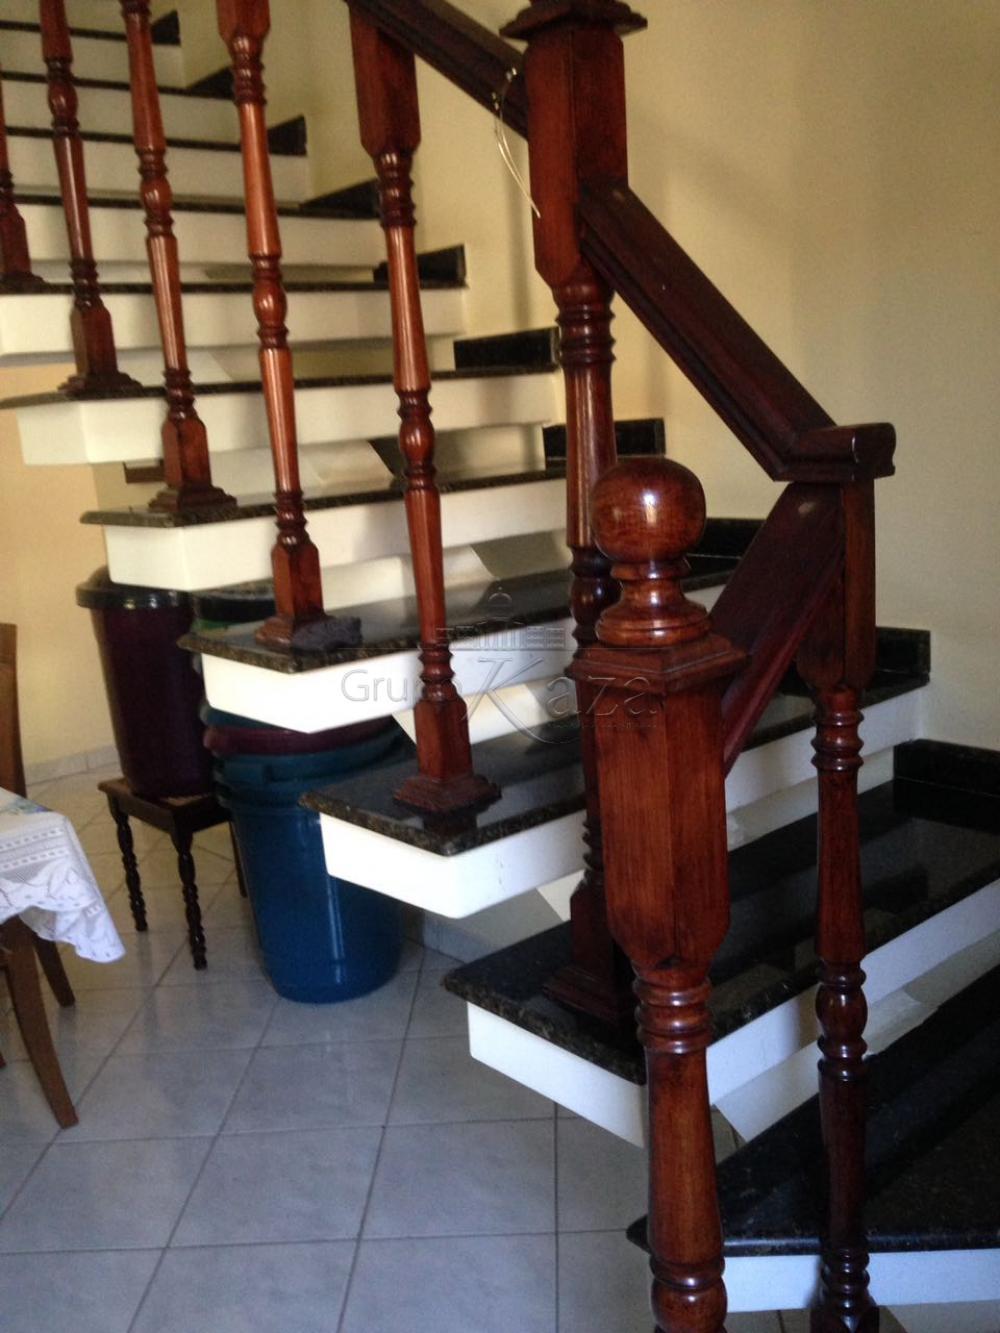 Comprar Casa / Sobrado em Jacareí apenas R$ 350.000,00 - Foto 5